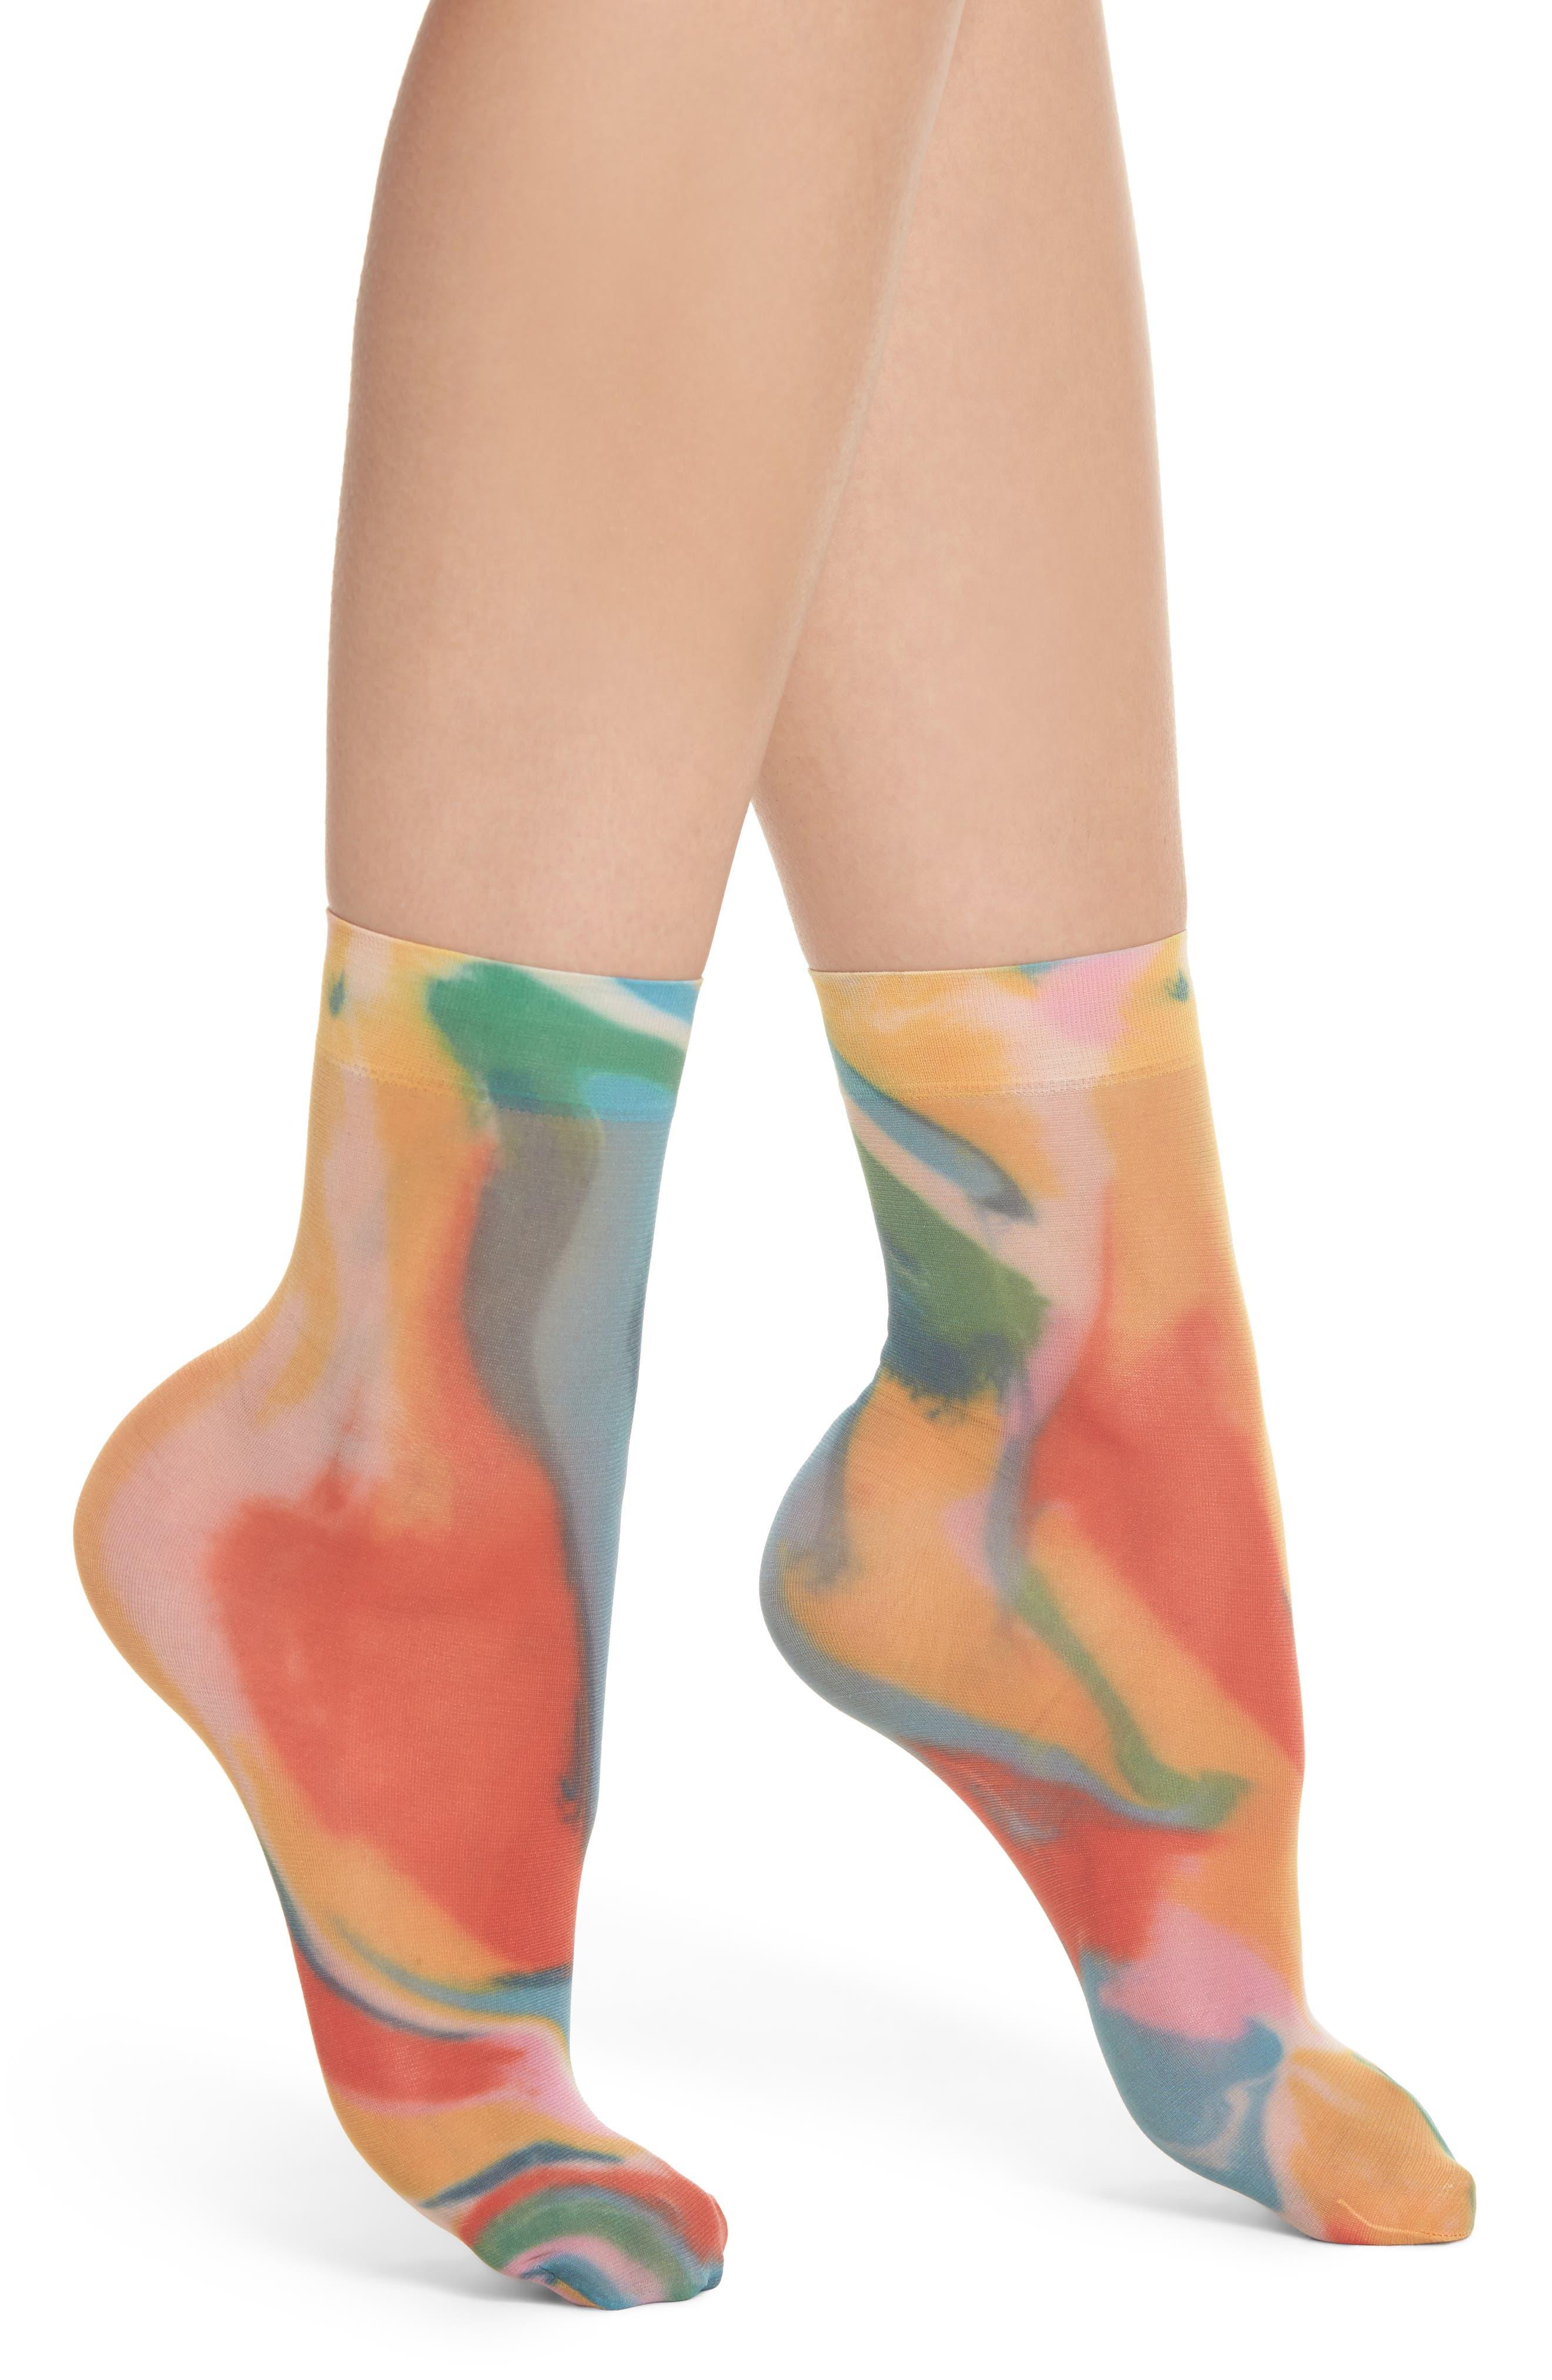 Hysteria by Happy Socks Mia Mosaic Socks